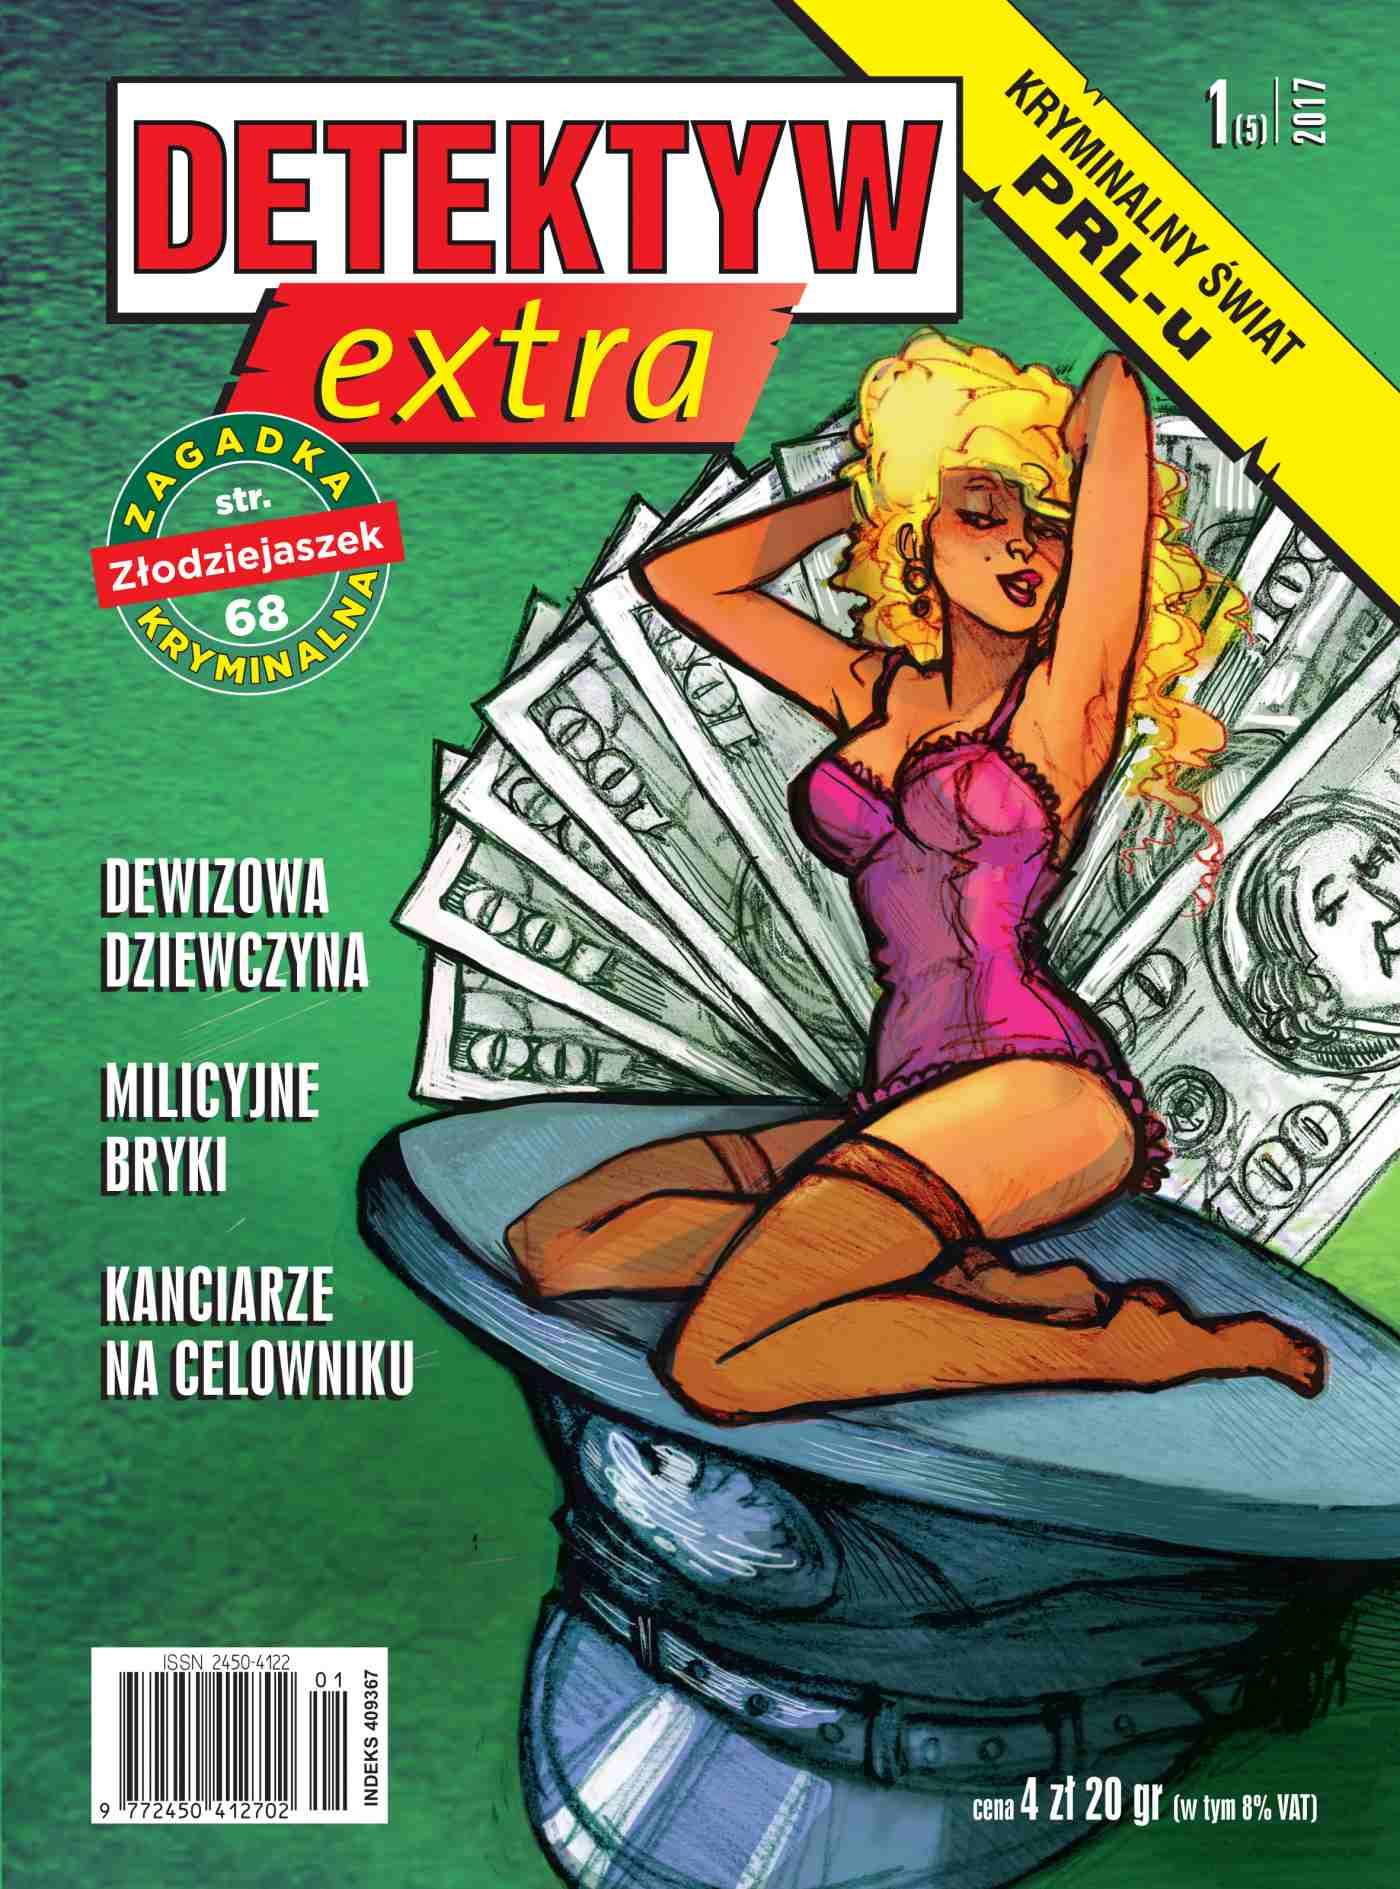 Detektyw Extra 1/2017 - Ebook (Książka EPUB) do pobrania w formacie EPUB